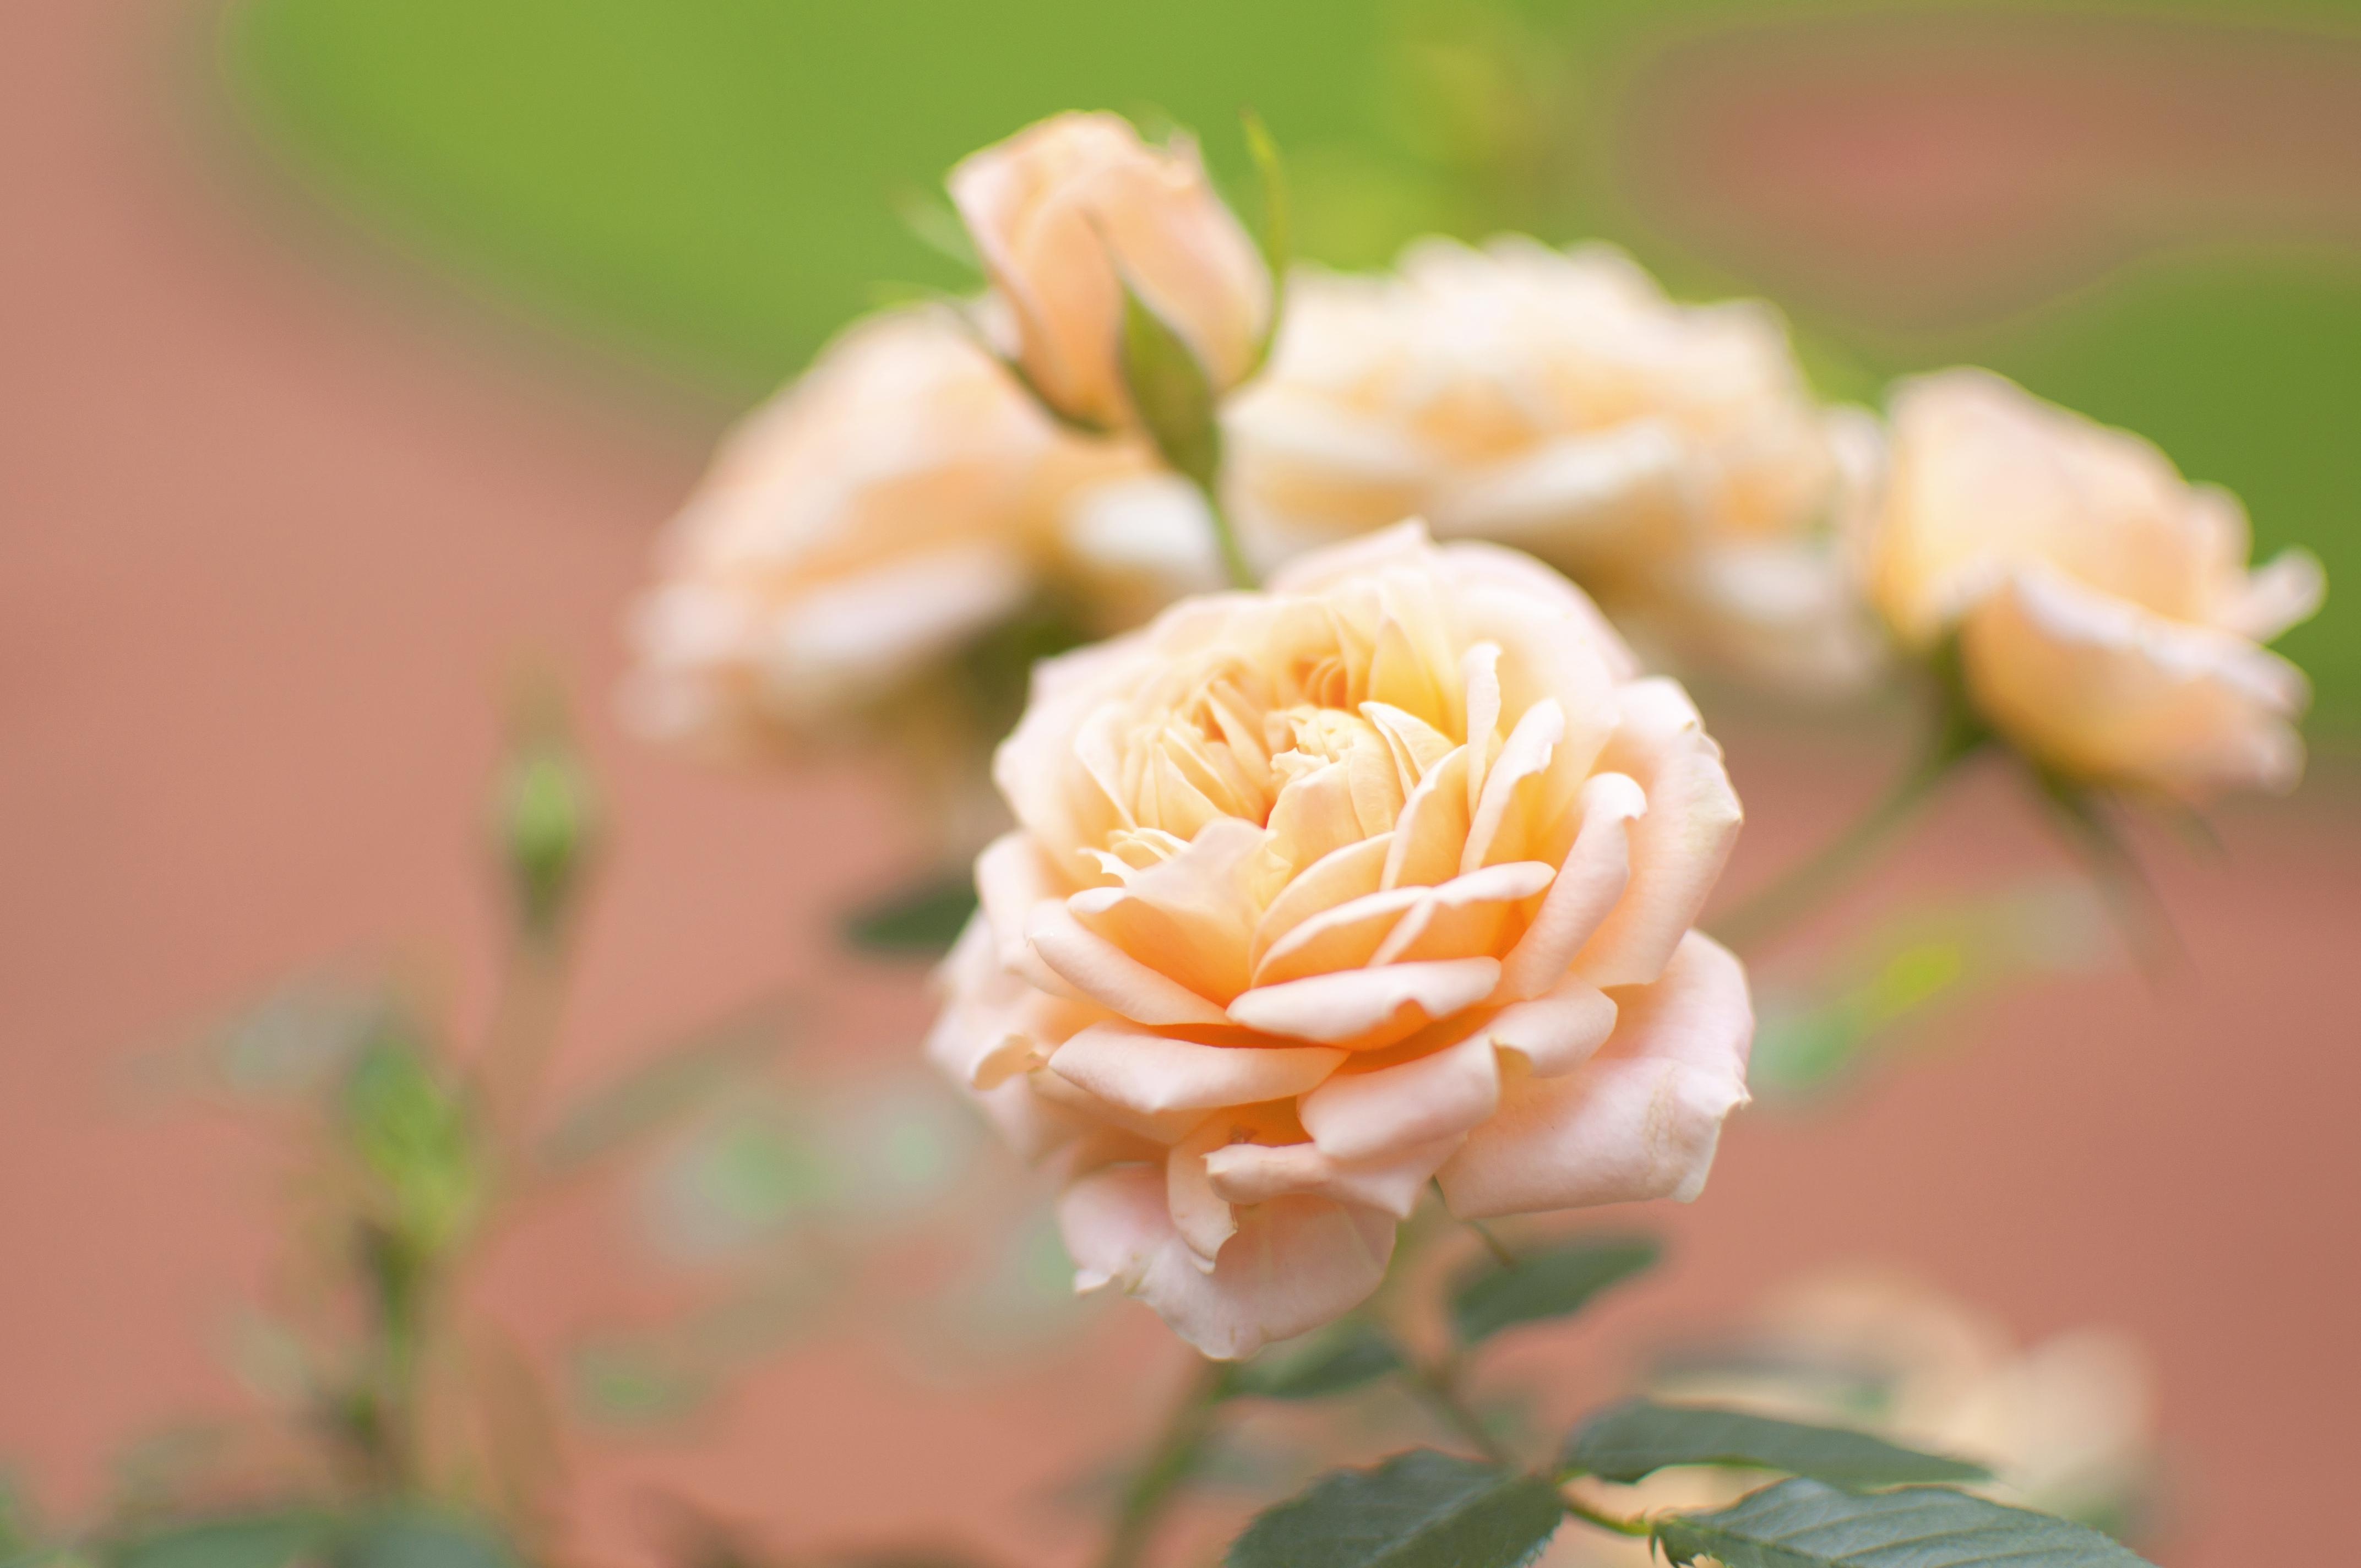 71076 Salvapantallas y fondos de pantalla Flores en tu teléfono. Descarga imágenes de Flores, Flor Rosa, Rosa, Flor, Brote, Yema, Macro, Borrosidad, Suave gratis